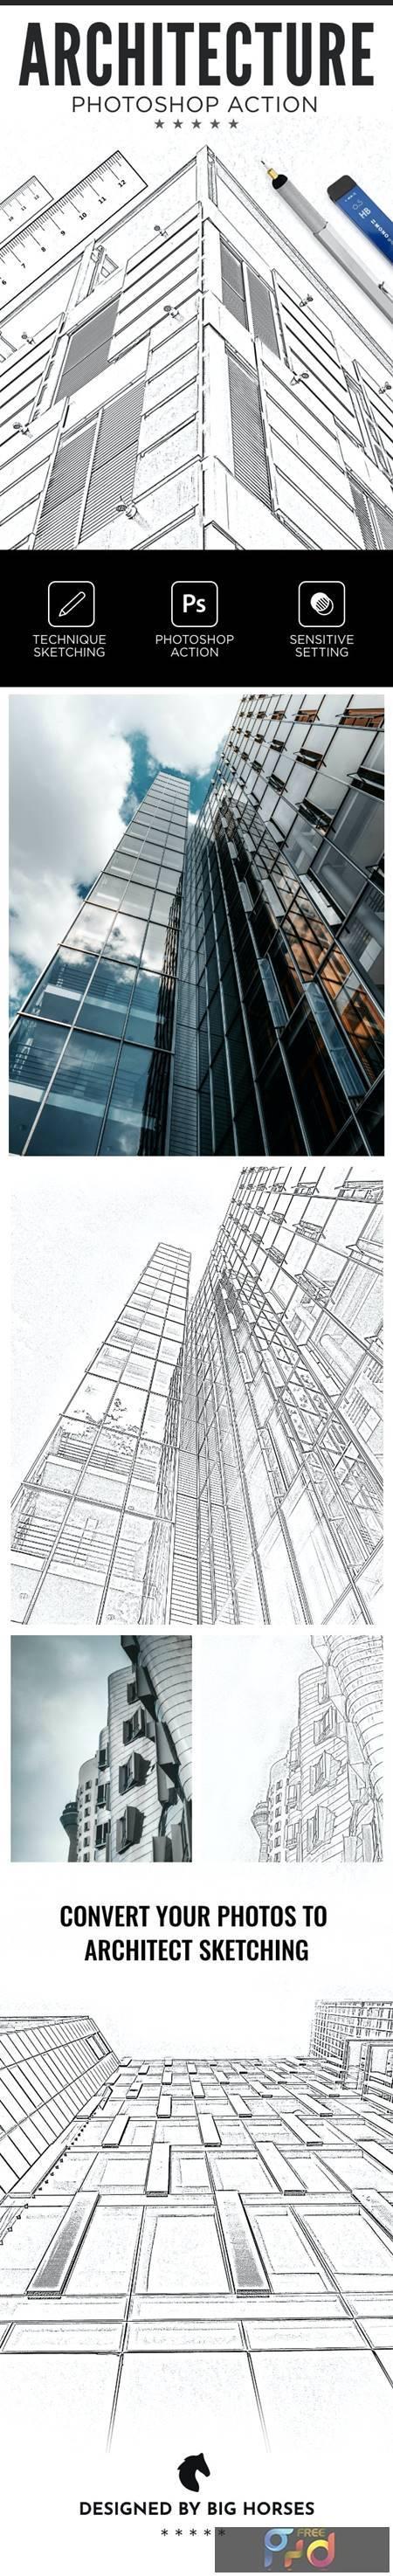 Architecture Photoshop Action 26533251 1